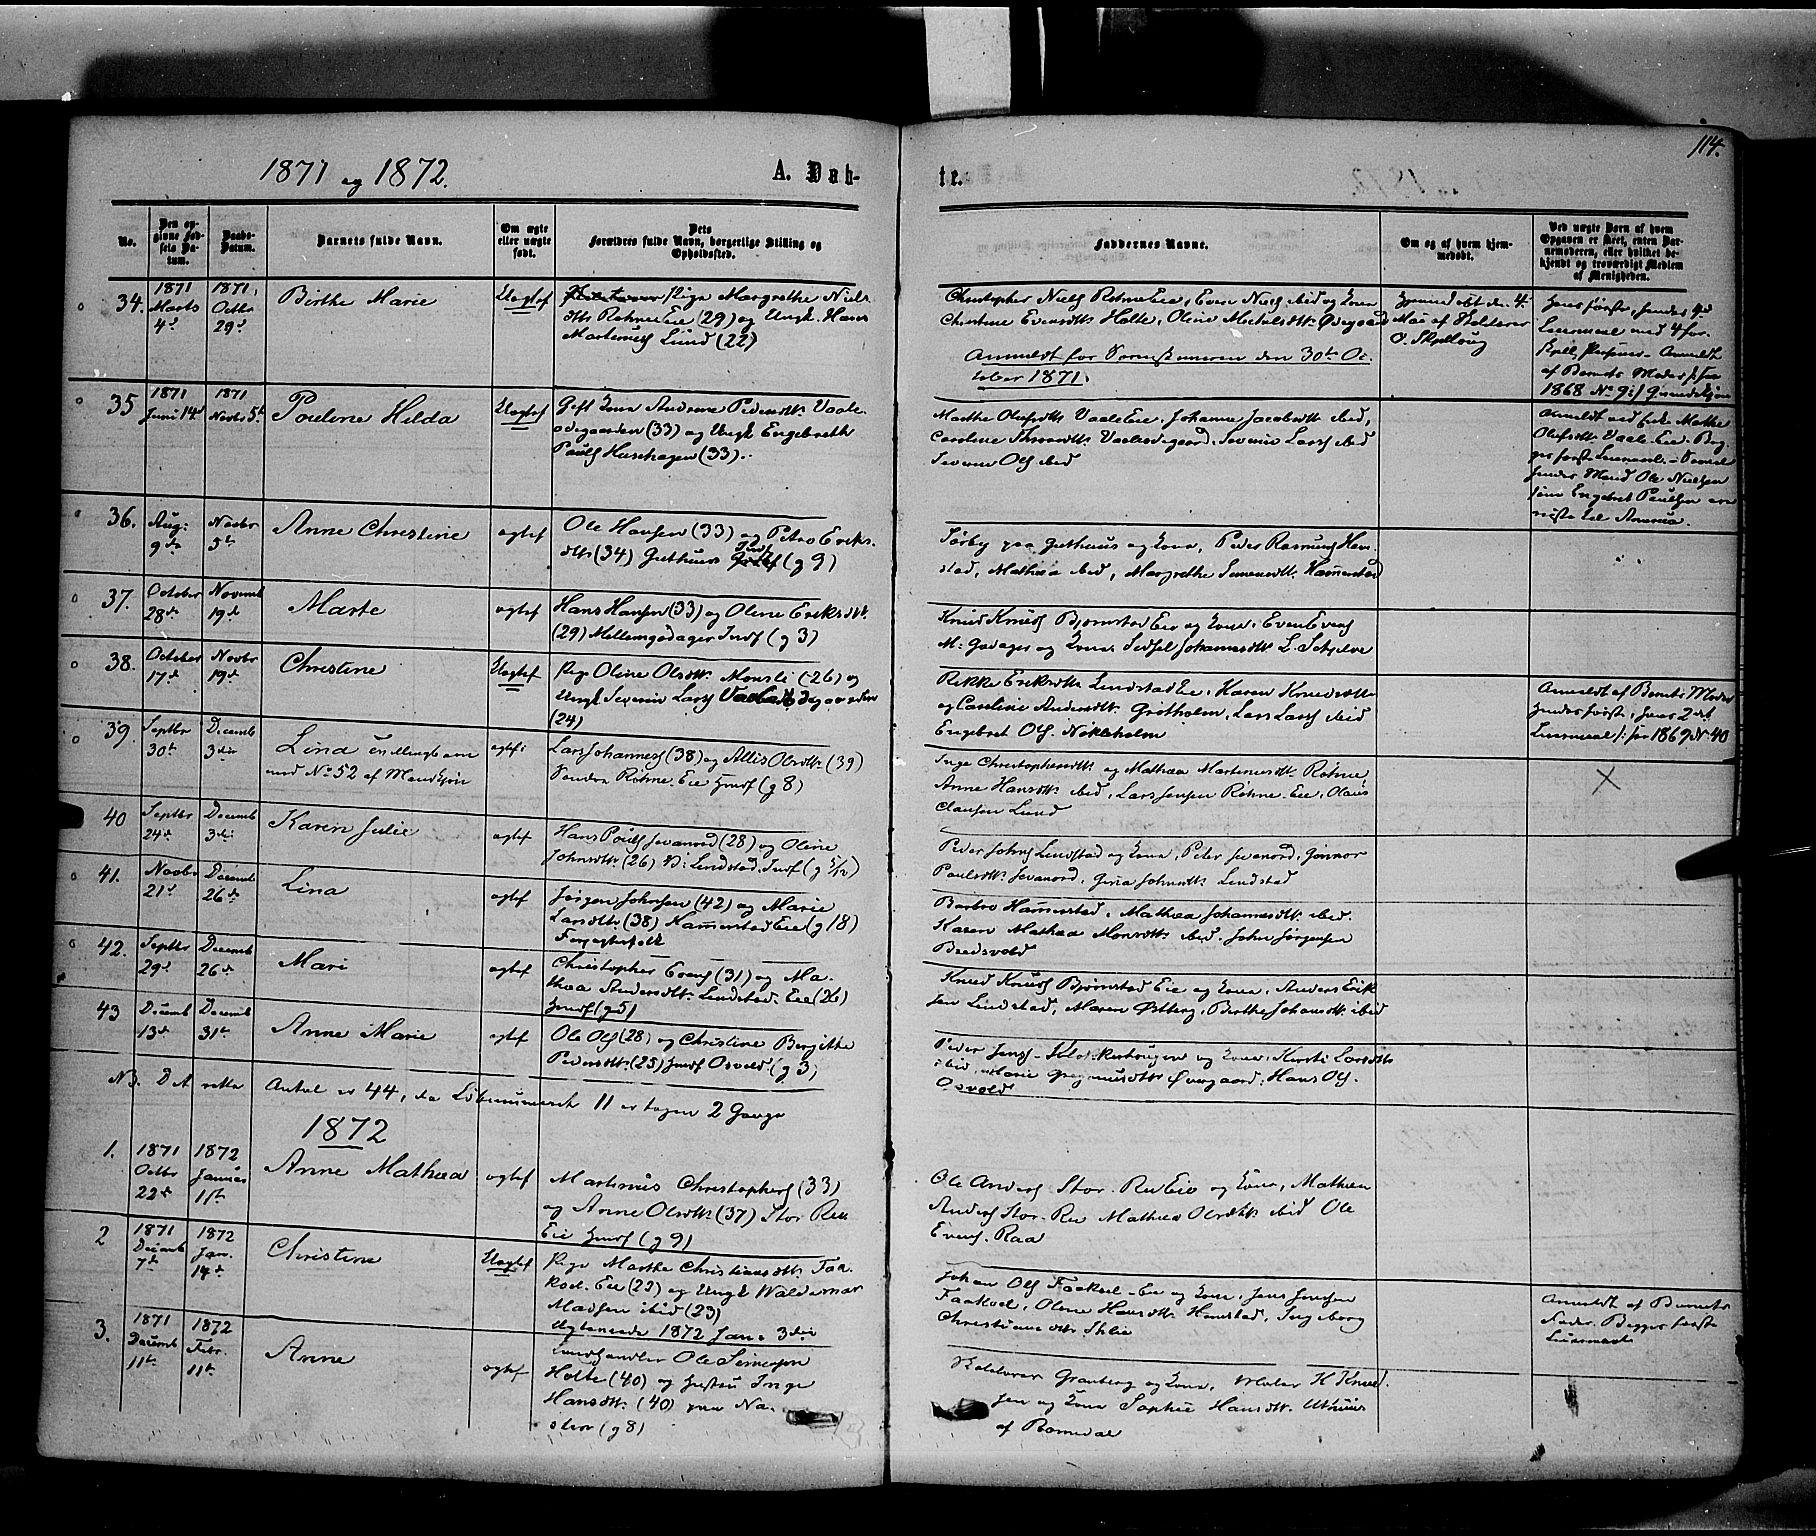 SAH, Stange prestekontor, K/L0013: Parish register (official) no. 13, 1862-1879, p. 114